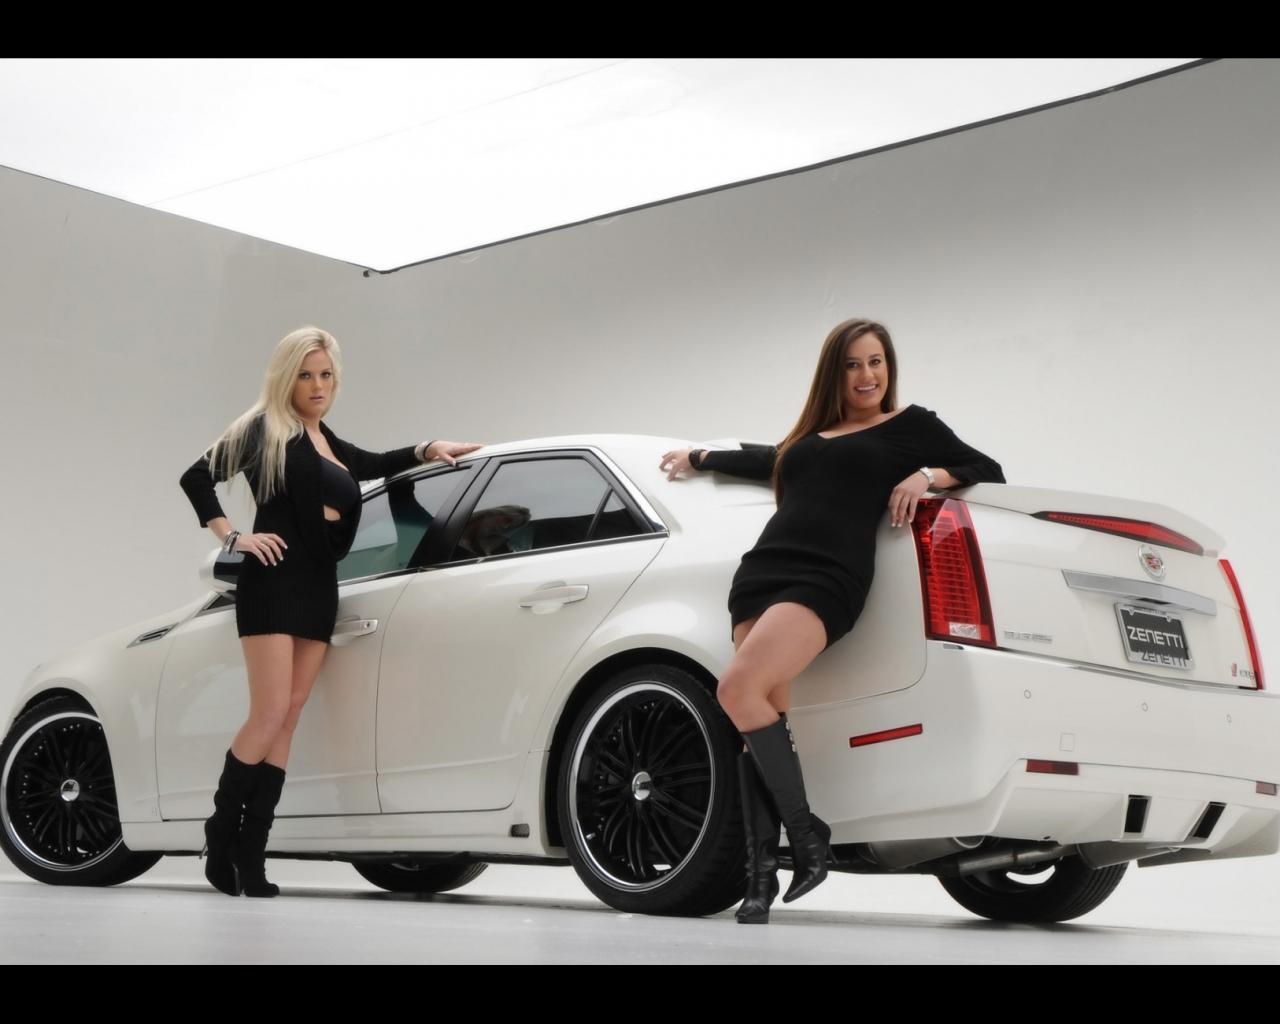 Chicas y Cadillac - 1280x1024